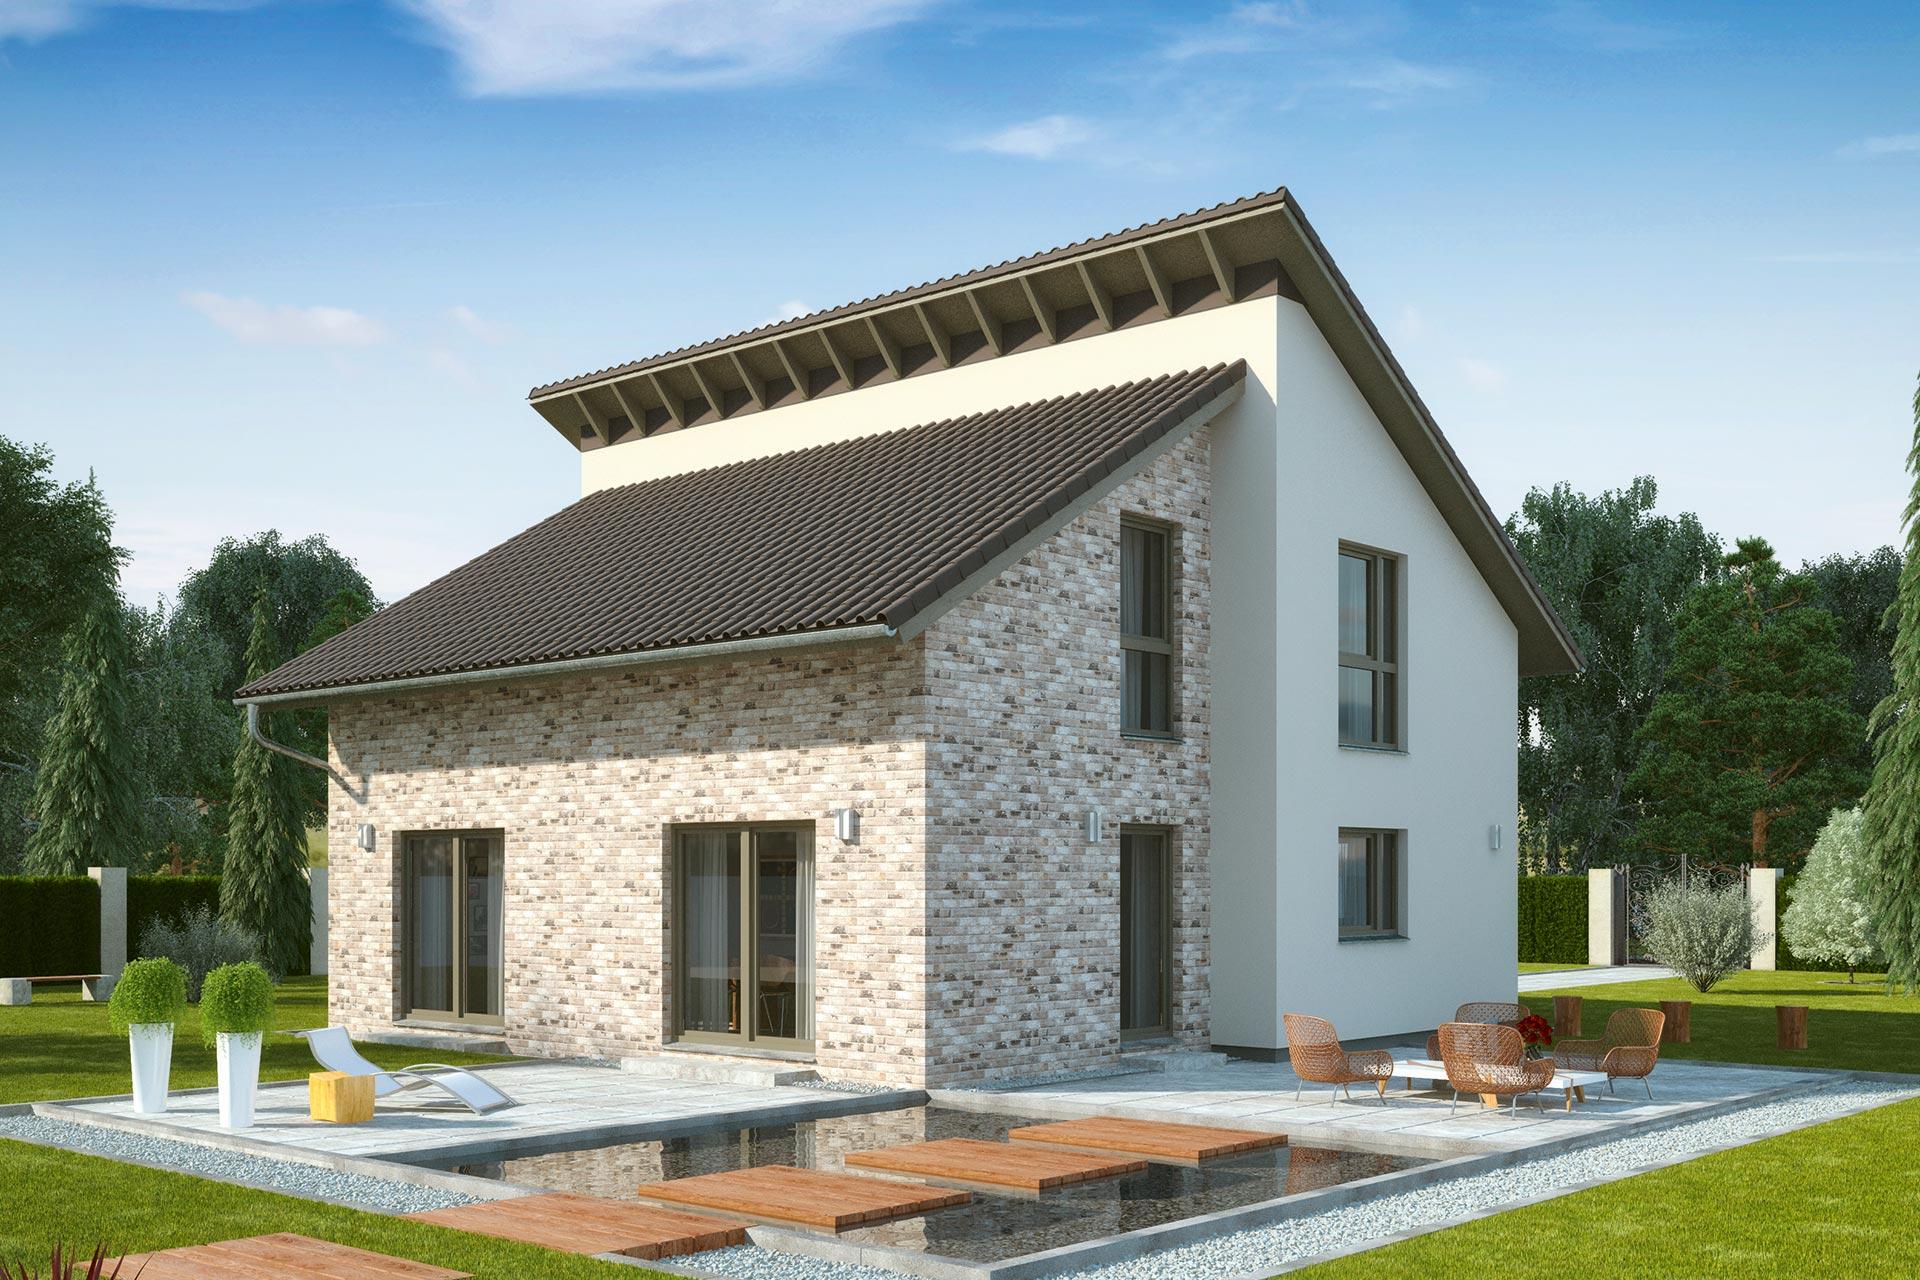 Einfamilienhaus guenstig bauen - Nussbaumallee - versetzte ...